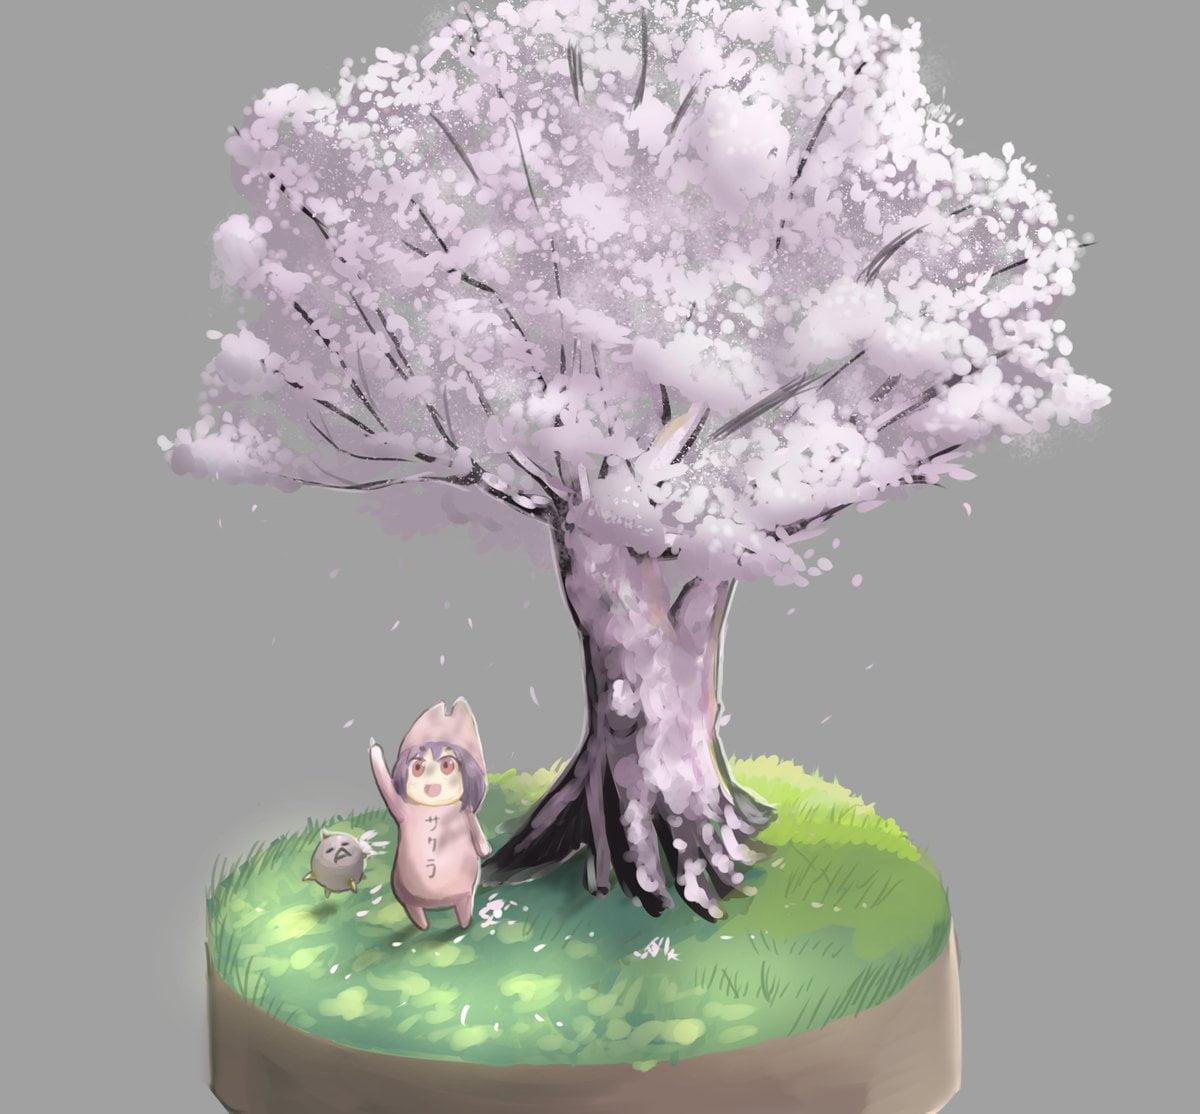 デスメタルさやかと仏滅と桜